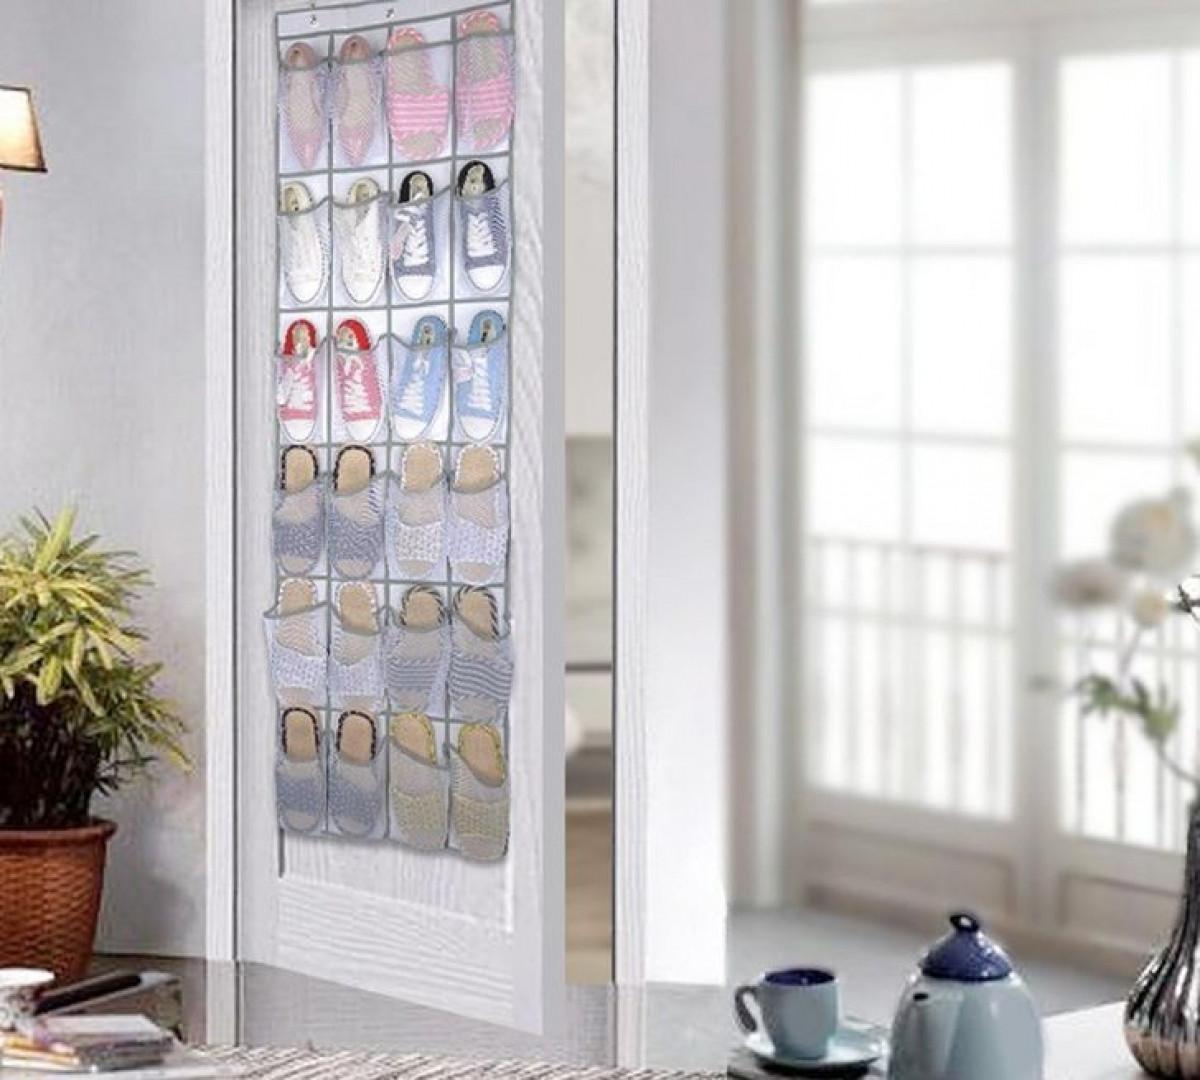 Bảo quản giày ngoài cửa là cách để nó luôn luôn đúng vào vị trí.